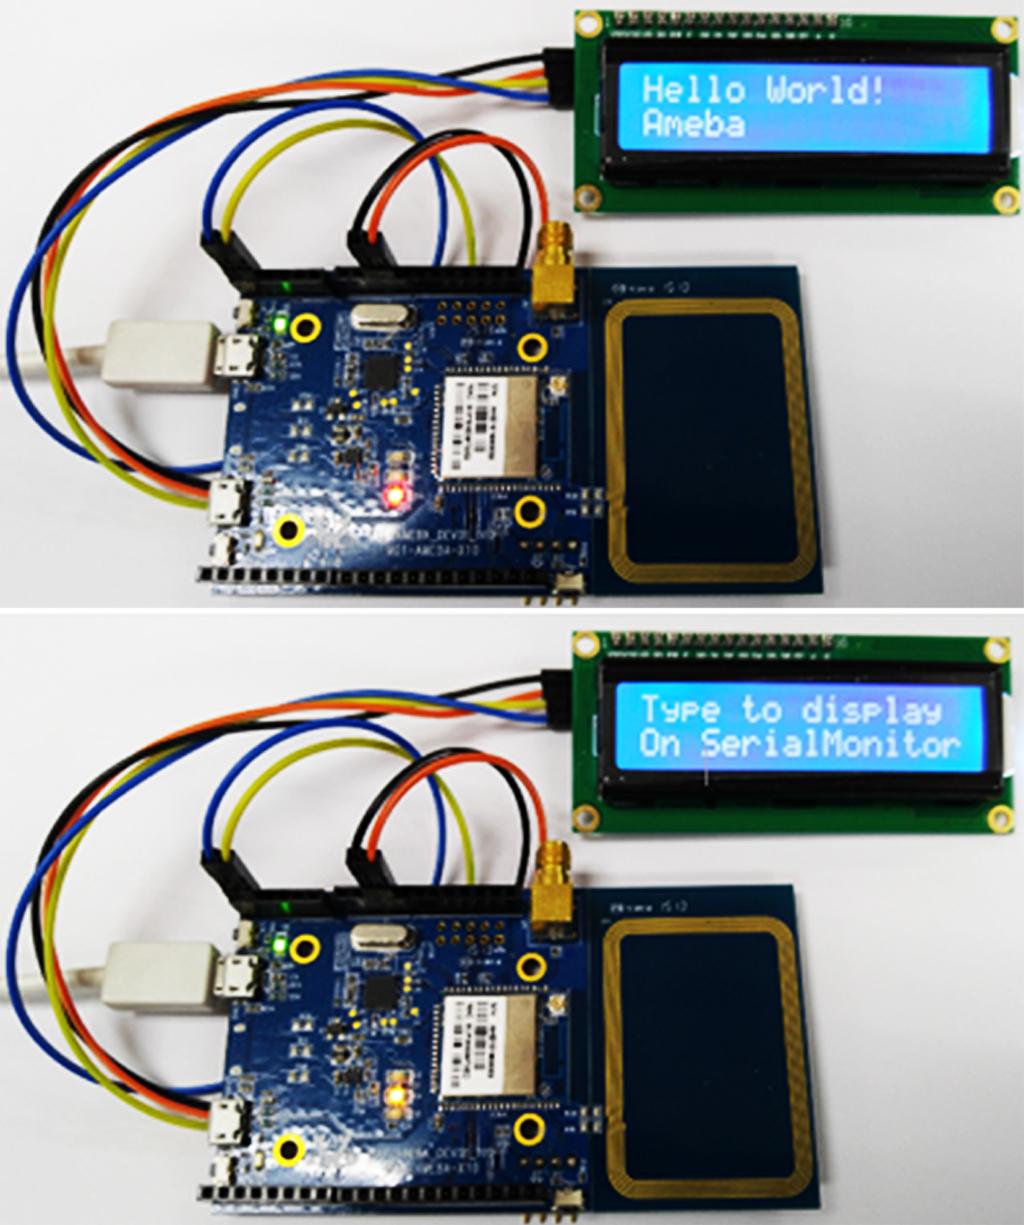 LCD顯示器控制畫面